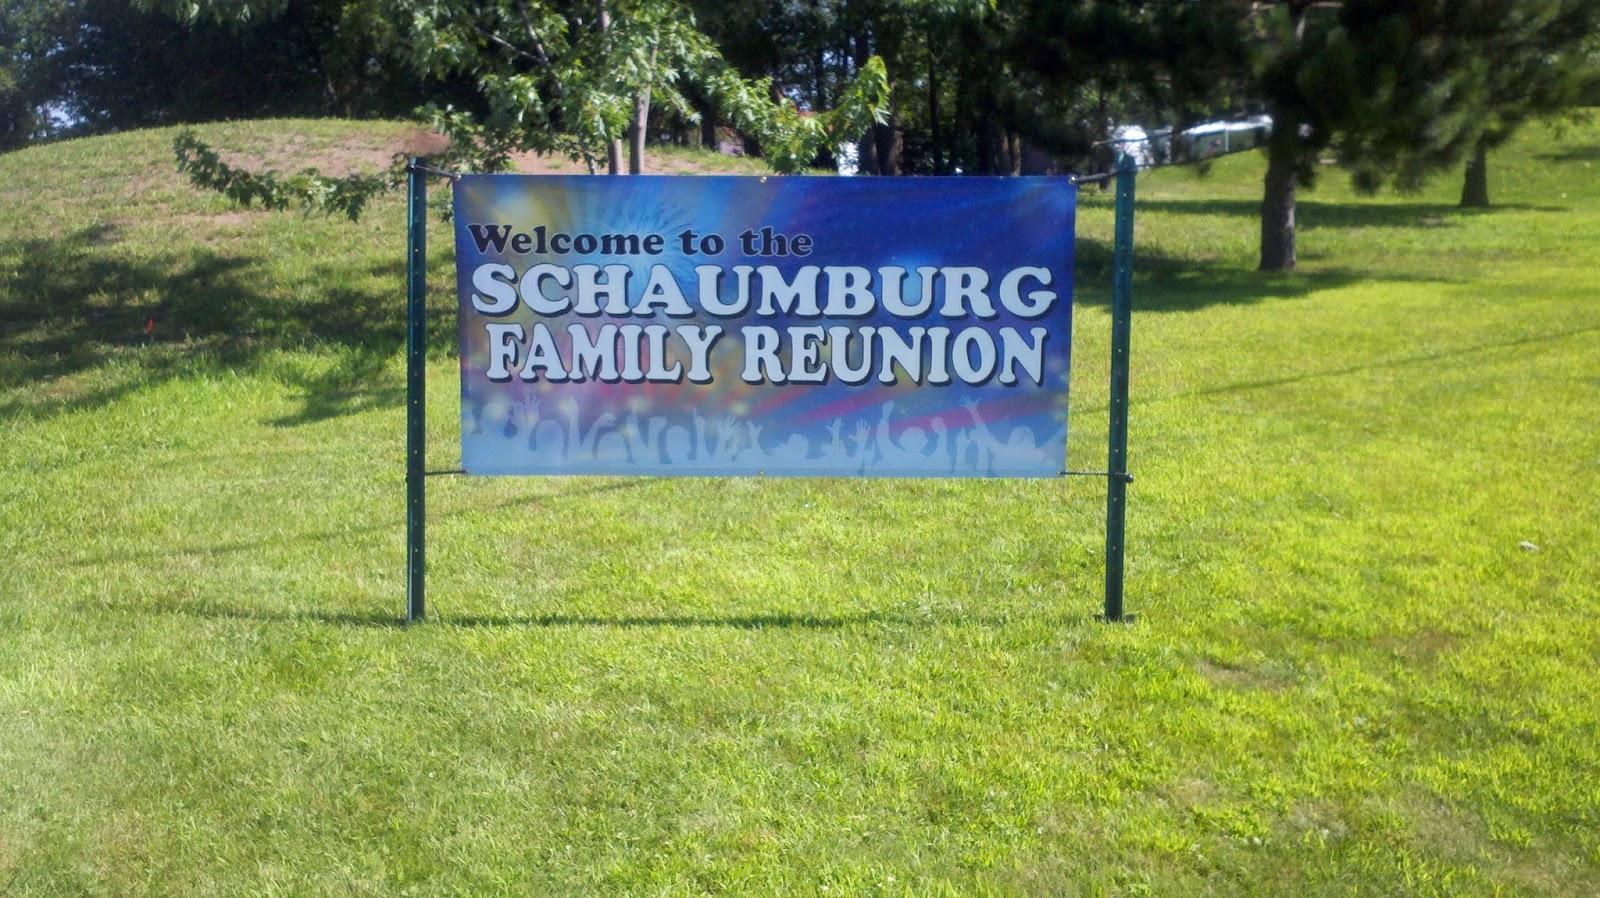 Schaumburg Family Reunion Banner | Banners.com